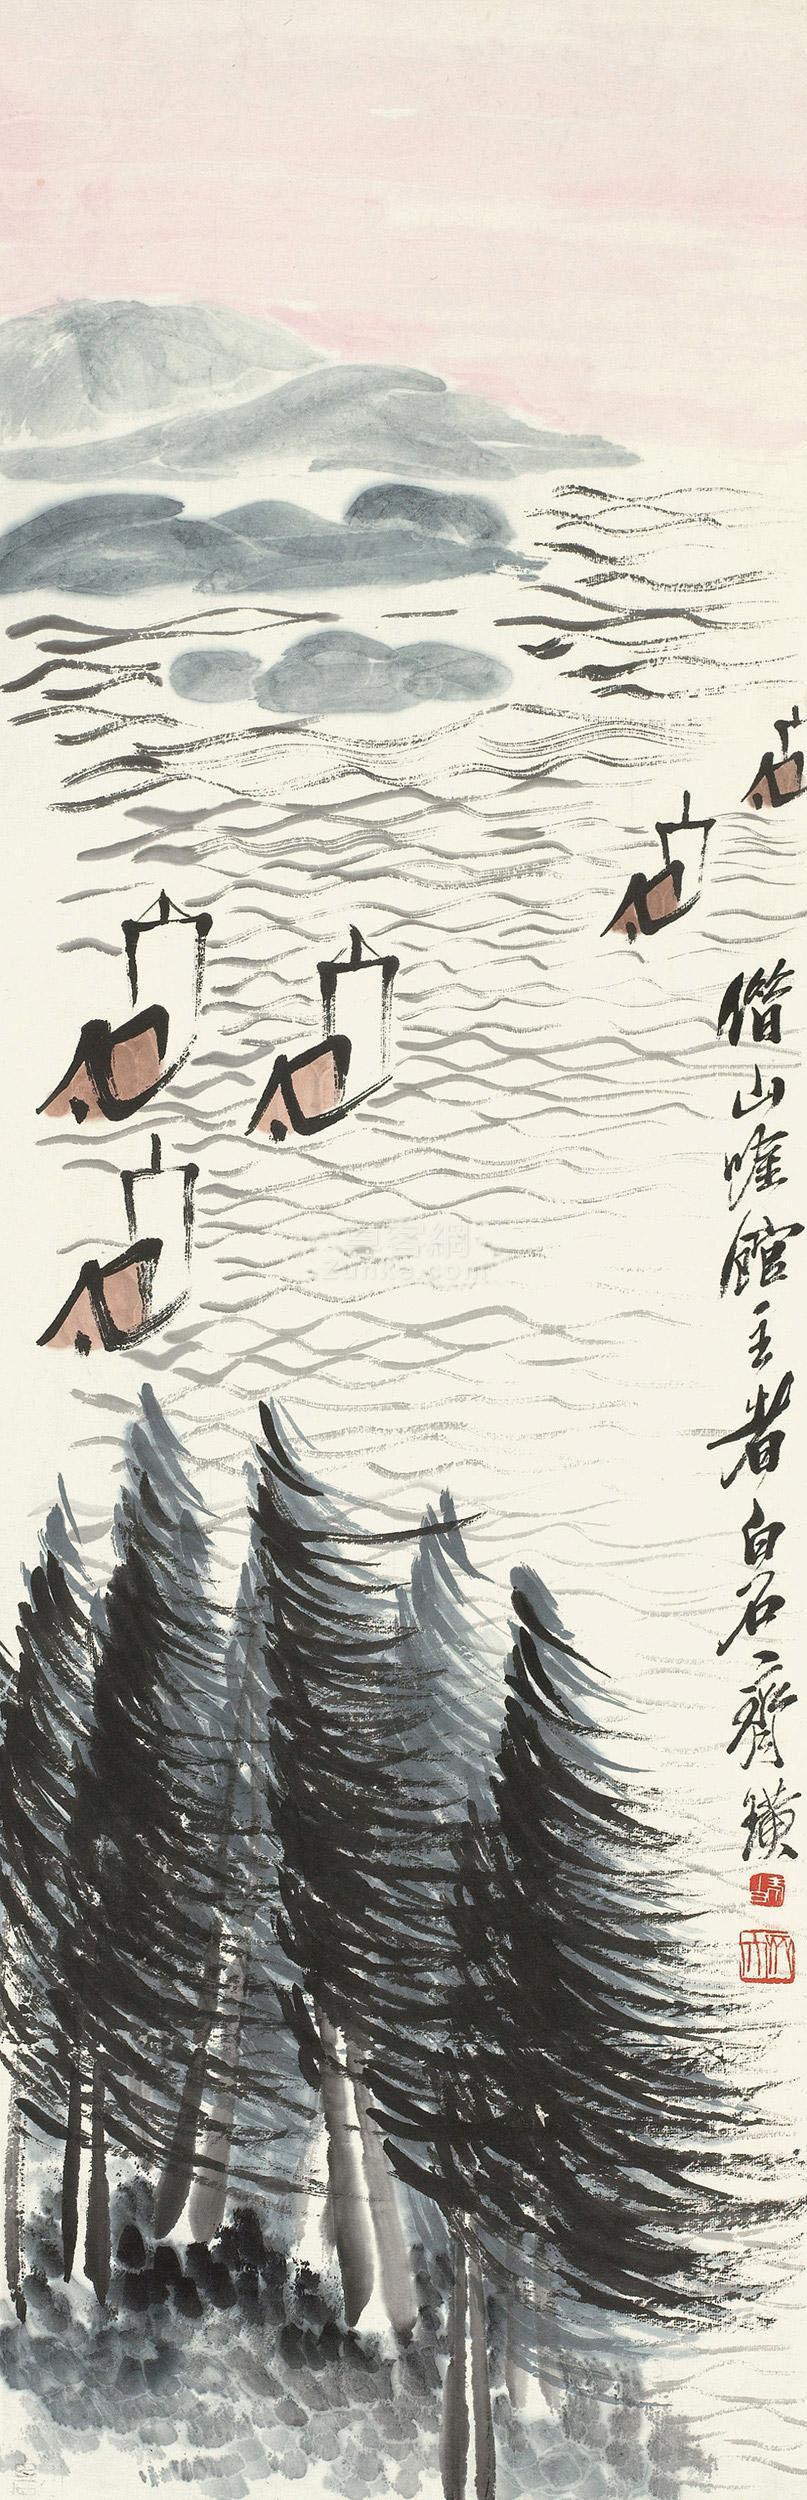 齐白石 江风帆影图 立轴 设色纸本作品欣赏